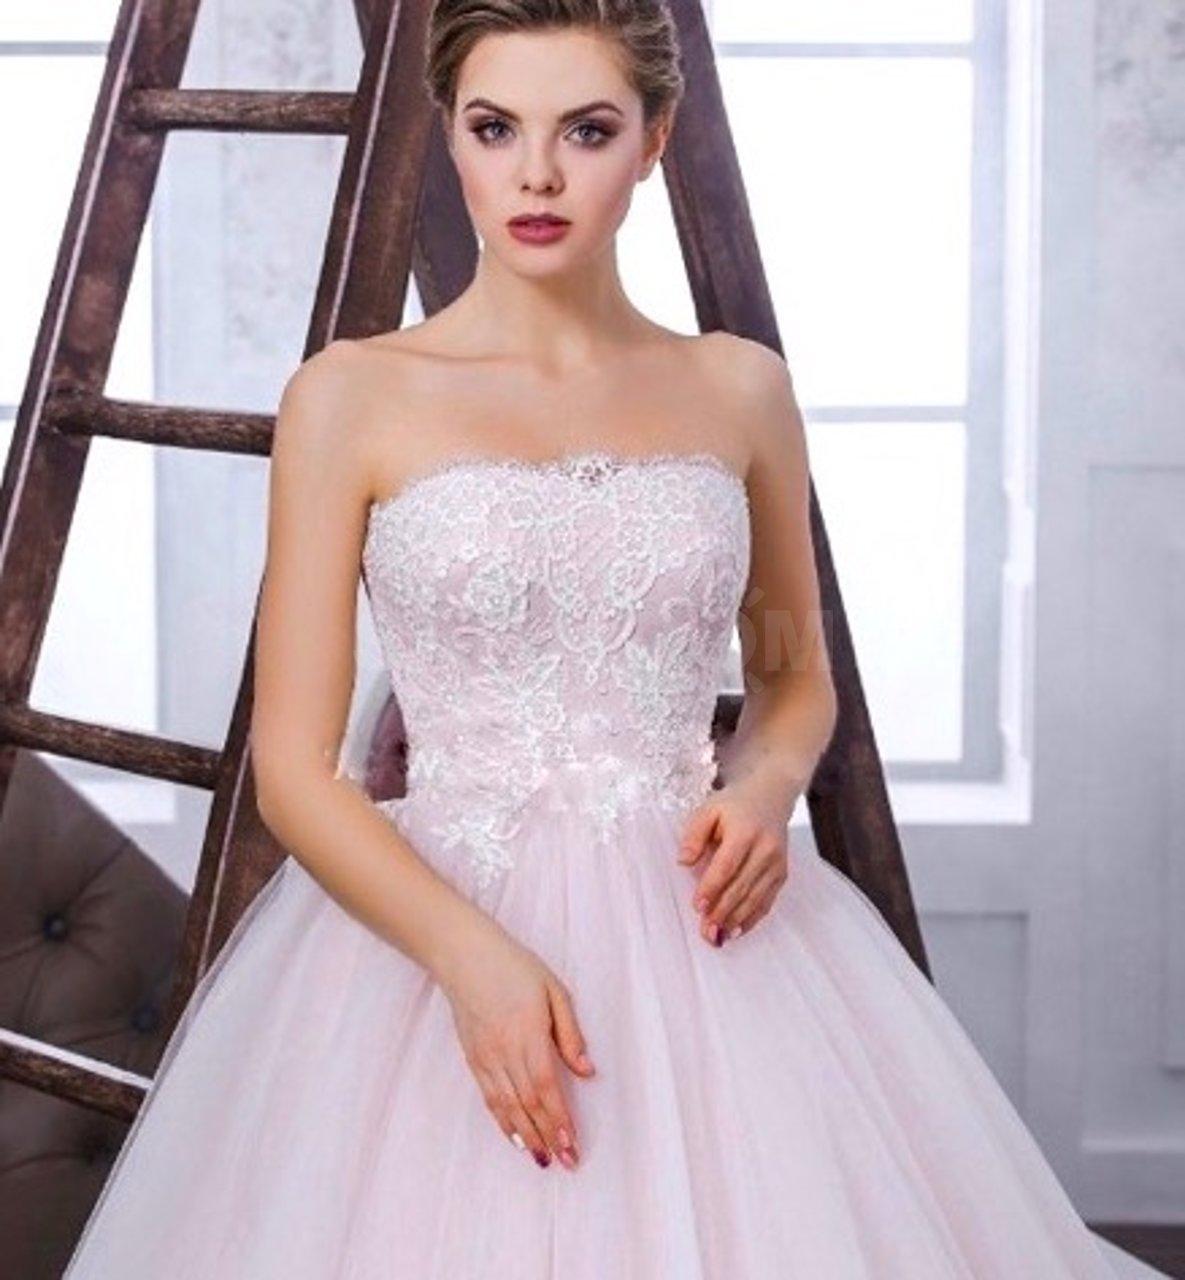 Кто покупает платье невесте на свадьбу по традиции